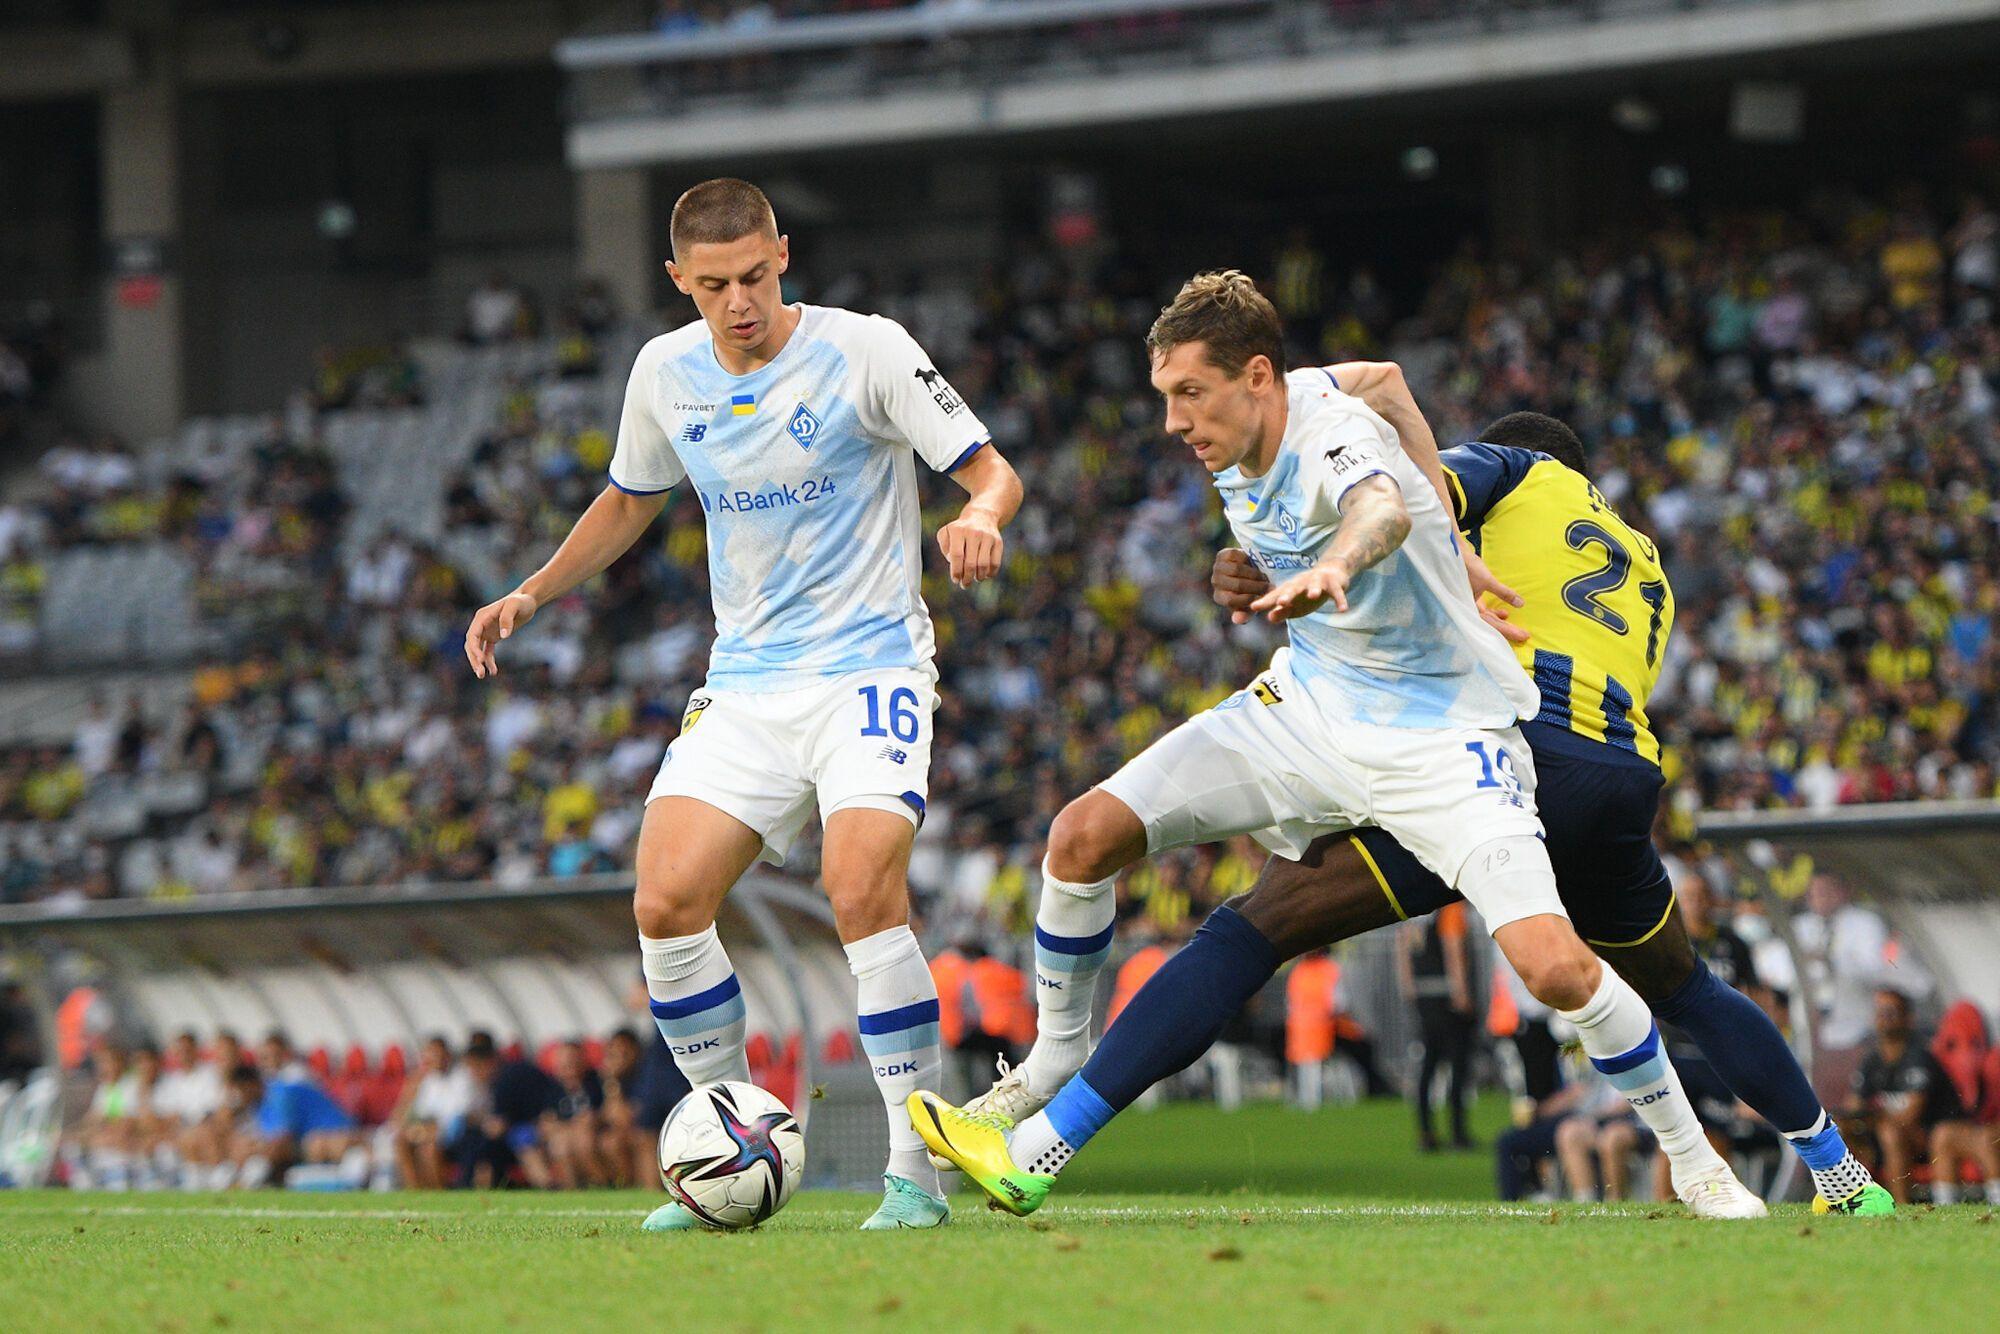 Гармаш и Миколенко ведут борьбу за мяч